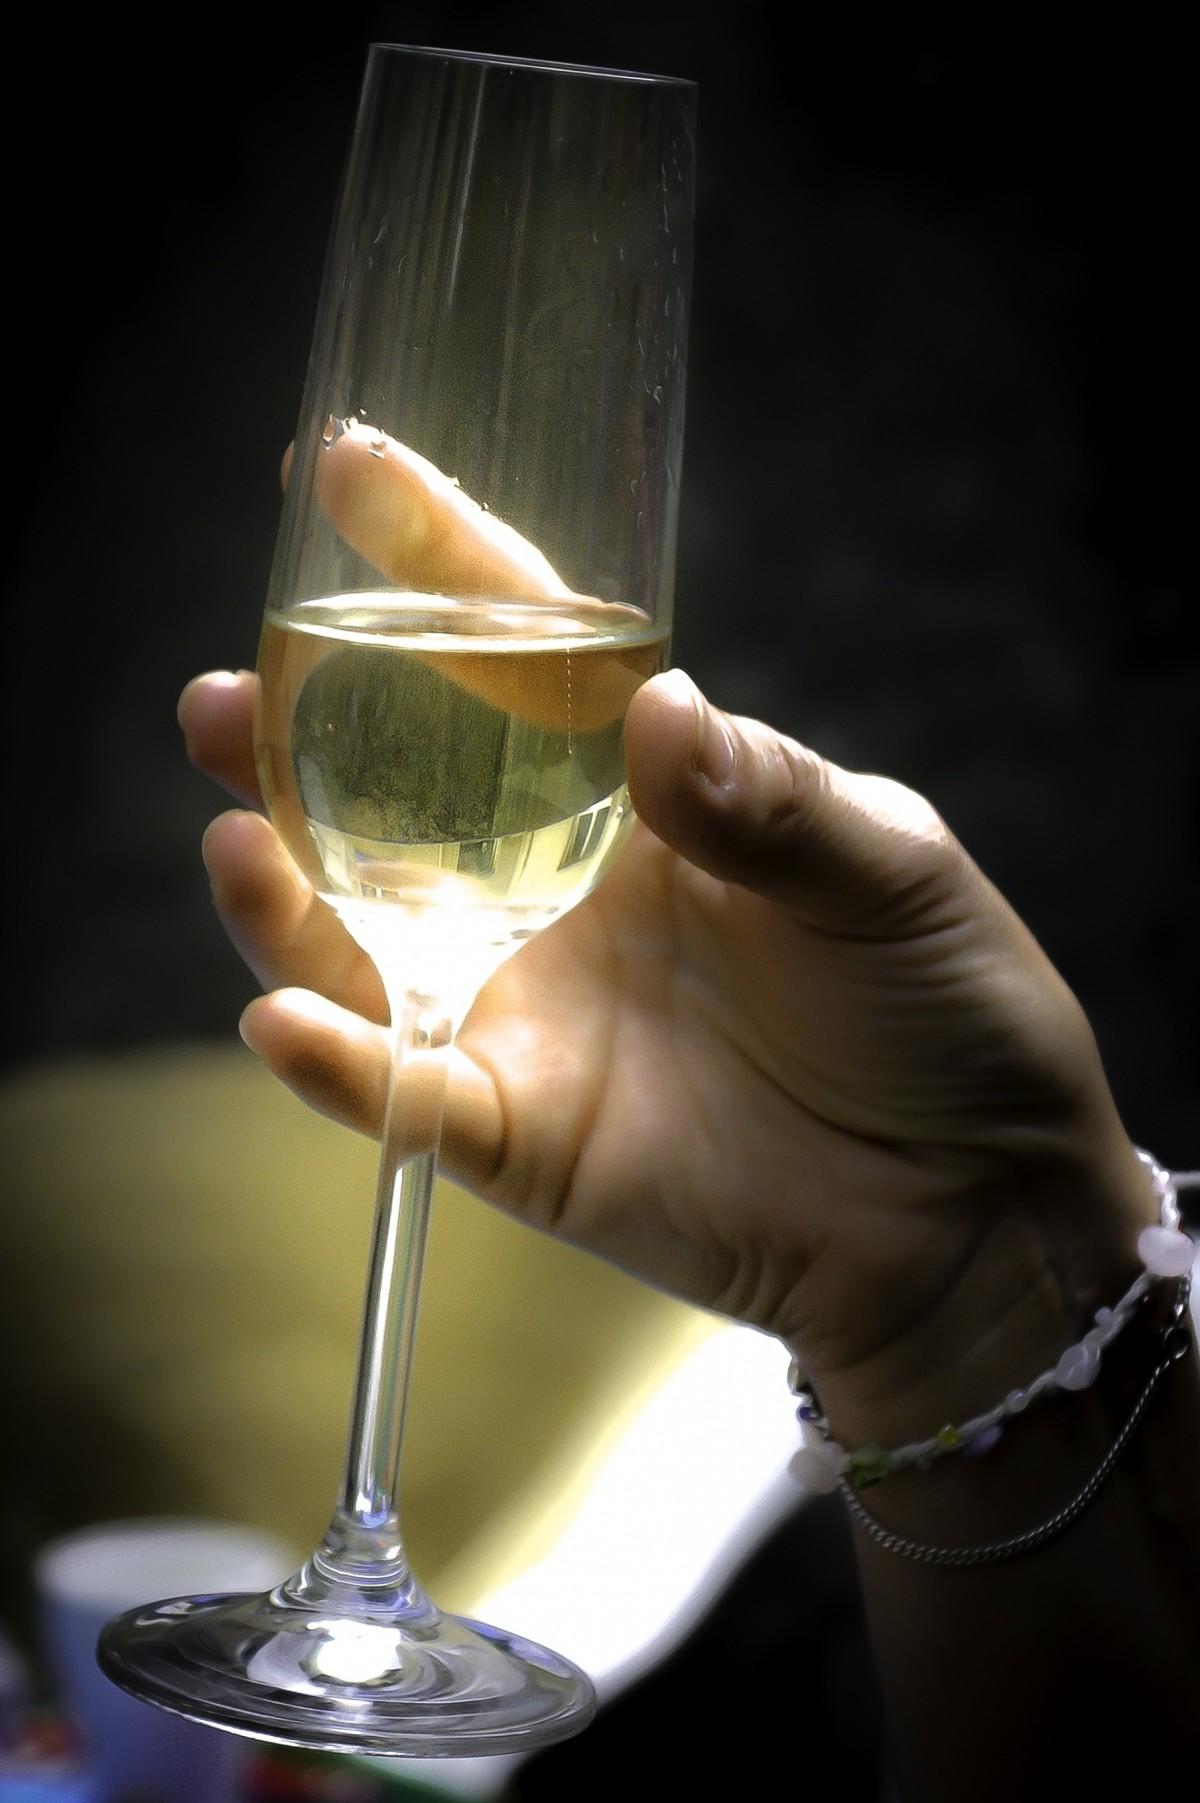 Картинка бокал с шампанским в руке